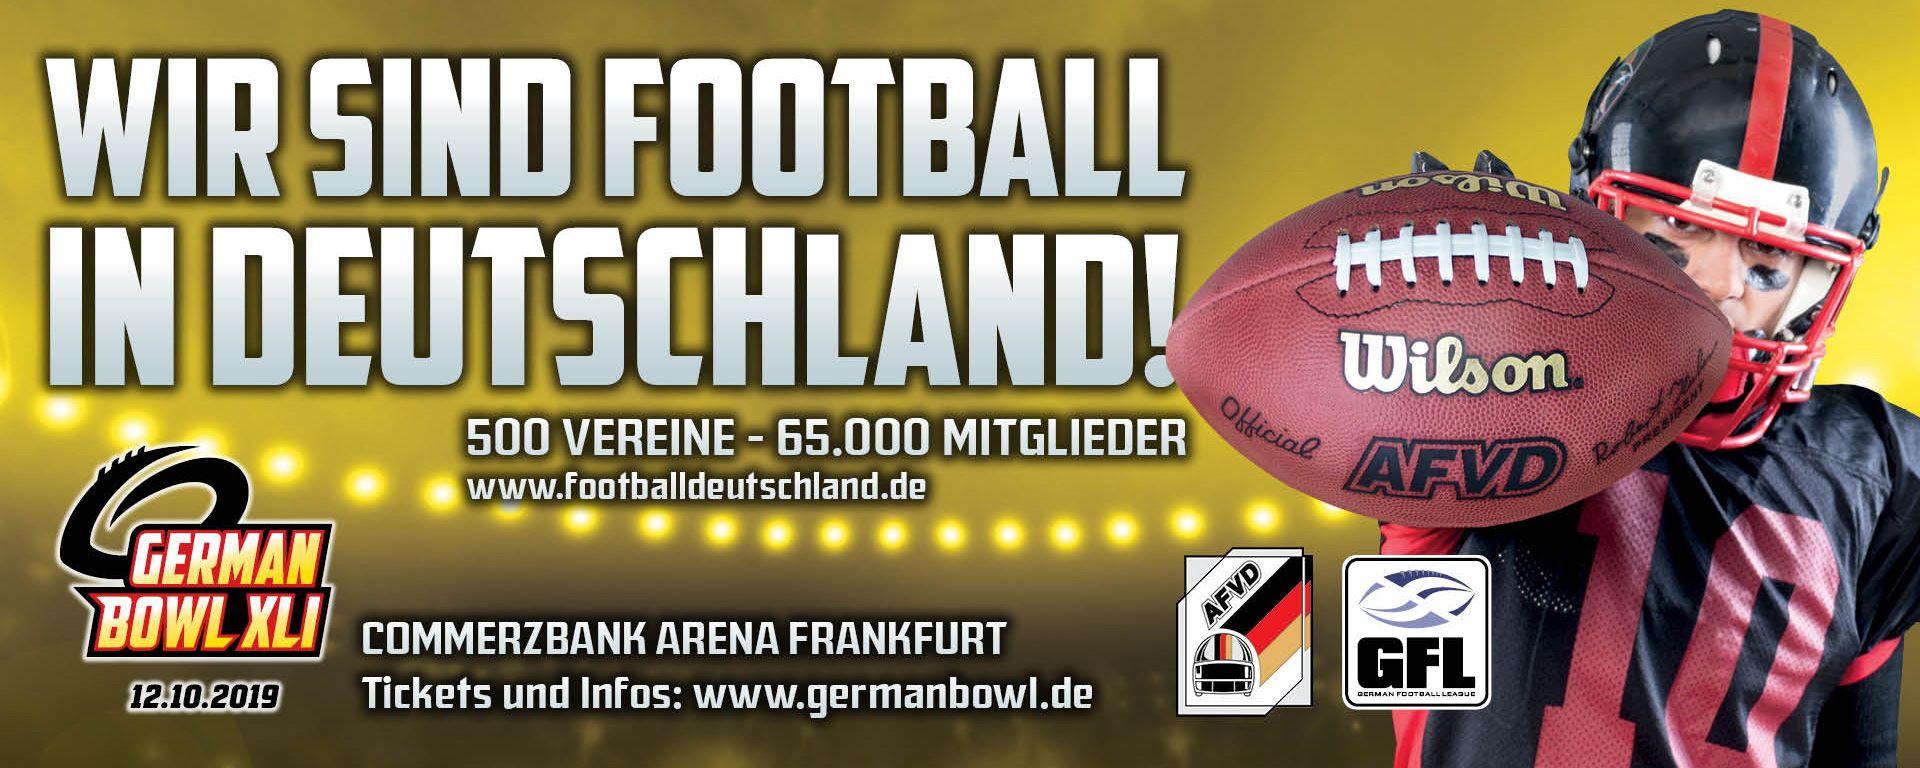 Frankfurt Fußball Vereine